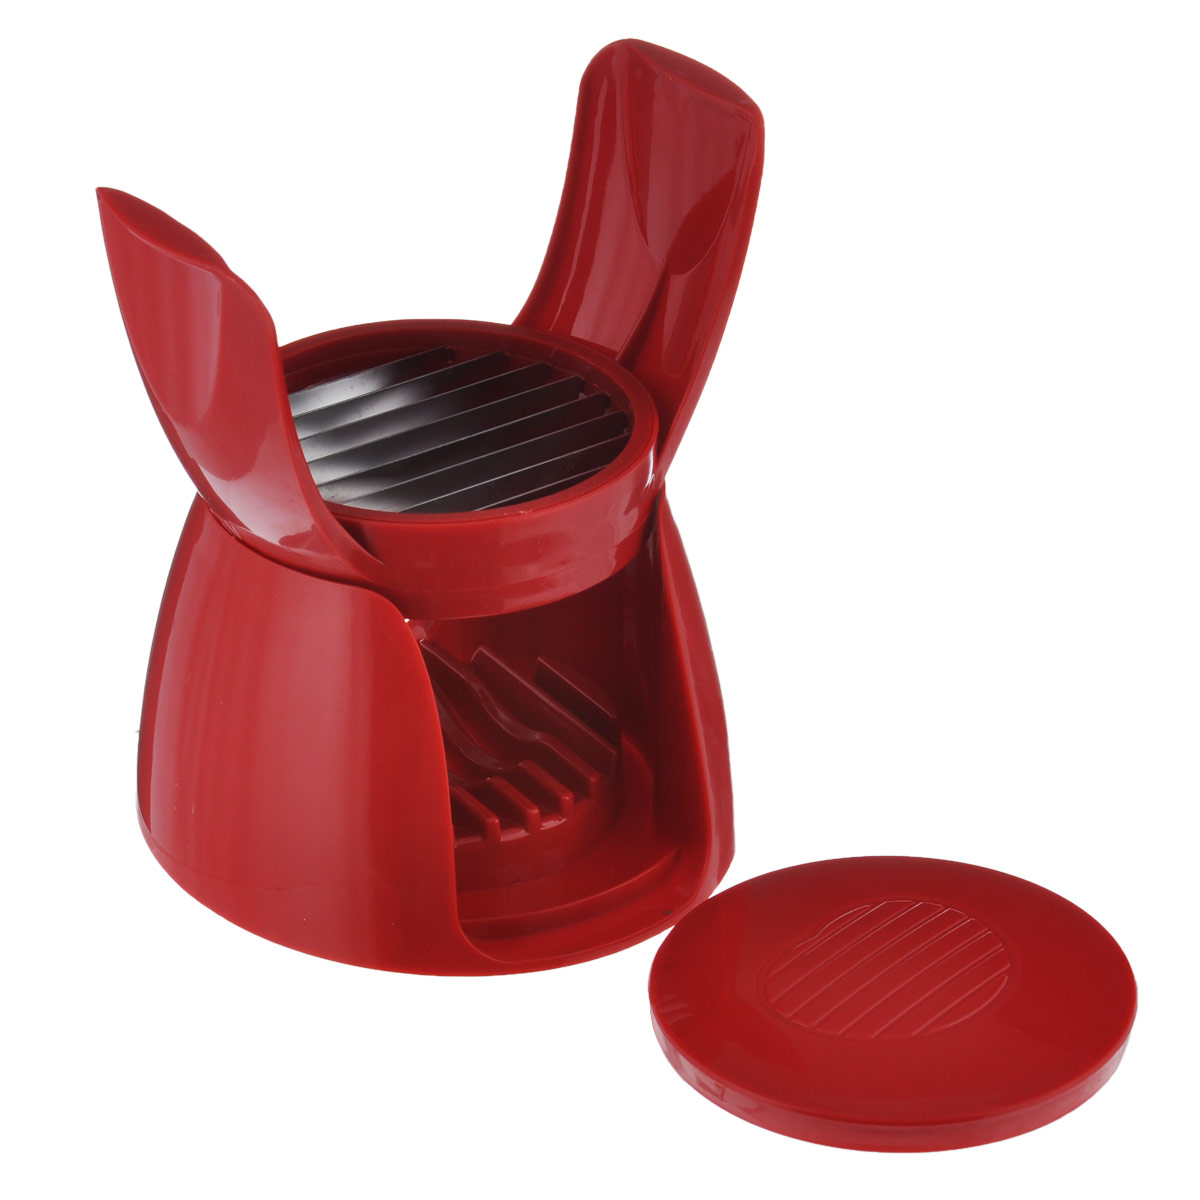 Овощерезка для томатов Bradex Сеньор Помидор, цвет: красный54 009312Овощерезка для томатов Bradex Сеньор Помидор выполнена из прочного пищевого пластика с лезвиями из нержавеющей стали. Если вам нужно порезать идеально ровными кольцами помидоры для салата, сэндвичей или закусок, то овощерезка для томатов поможет вам сделать это быстро и не пачкая пальцы. Также ее можно использовать для мягких сортов сыра, вареных овощей, фруктов. Кольца нарезанных продуктов будут идеально одинаковой толщины. С этой овощерезкой вы гораздо быстрее справитесь с приготовлением вкусных и любимых блюд не только в праздники, но и в будни. Все вышеперечисленные продукты вы сможете порезать идеальными ровными кольцами всего лишь одним нажатием. Размер овощерезки в сложенном виде: 12,5 см х 12,5 см х 9 см.